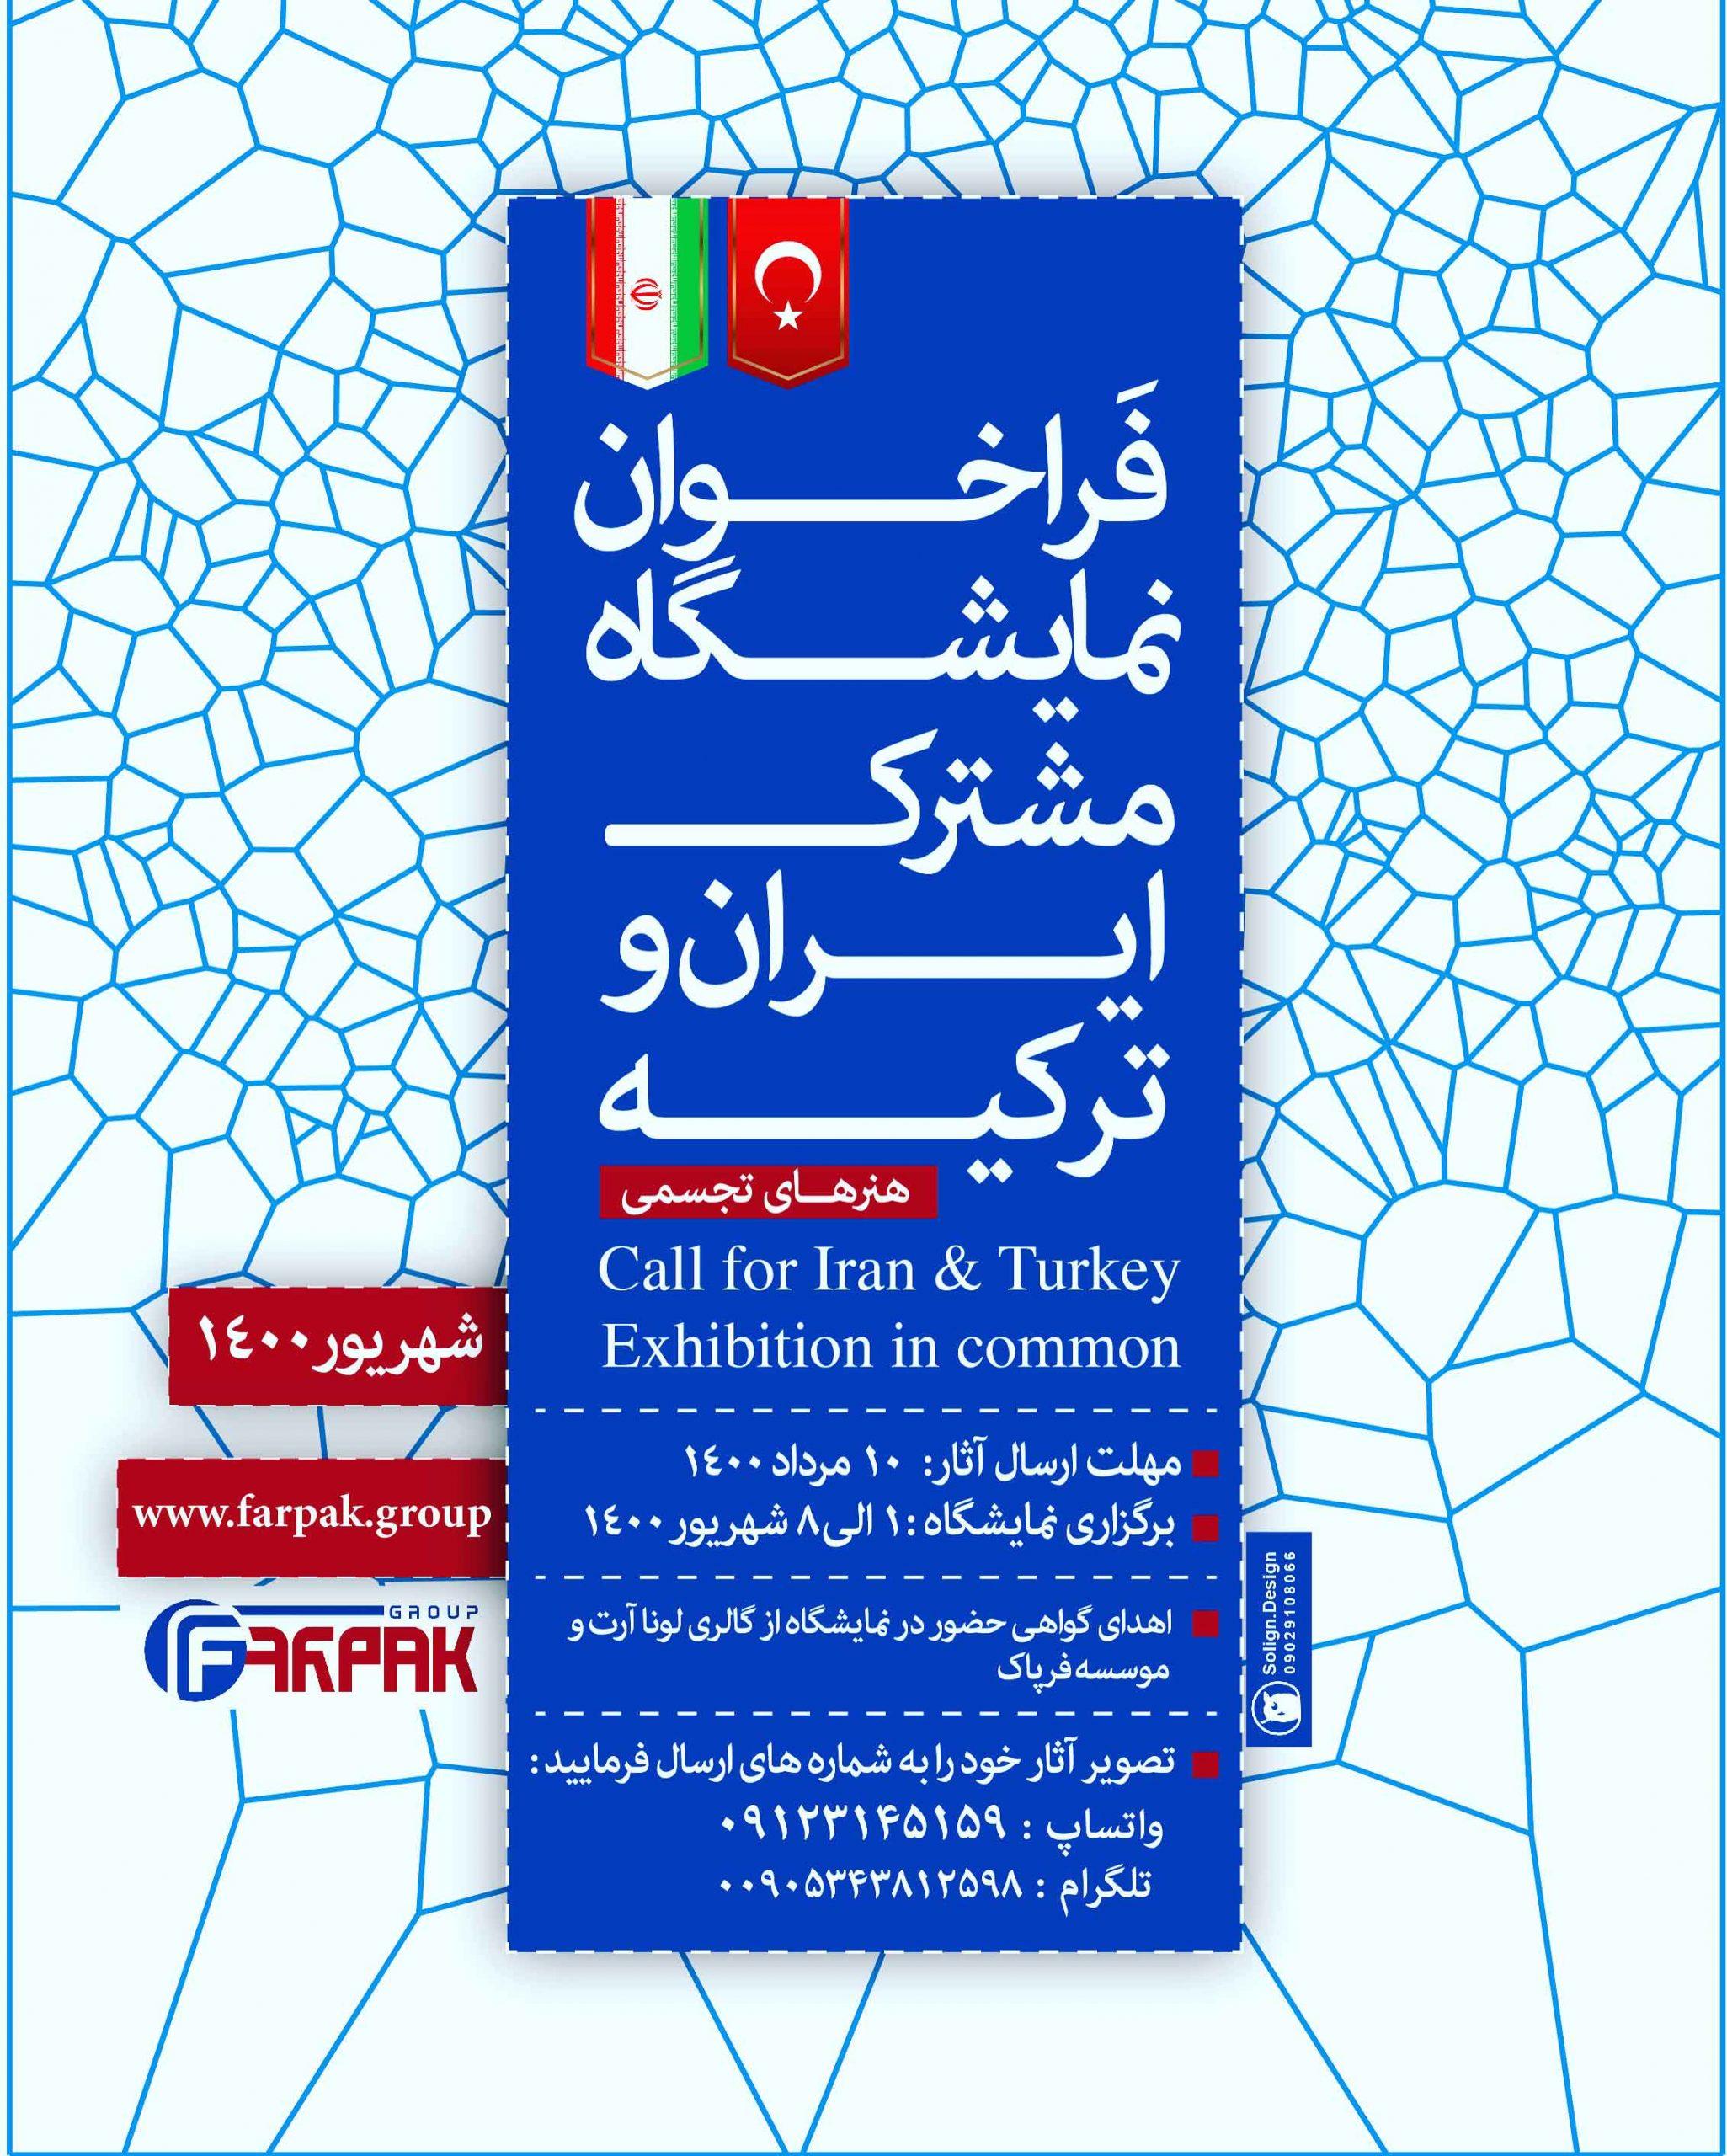 فراخوان نمایشگاه مشترک ایران و ترکیه گروه فرپاک